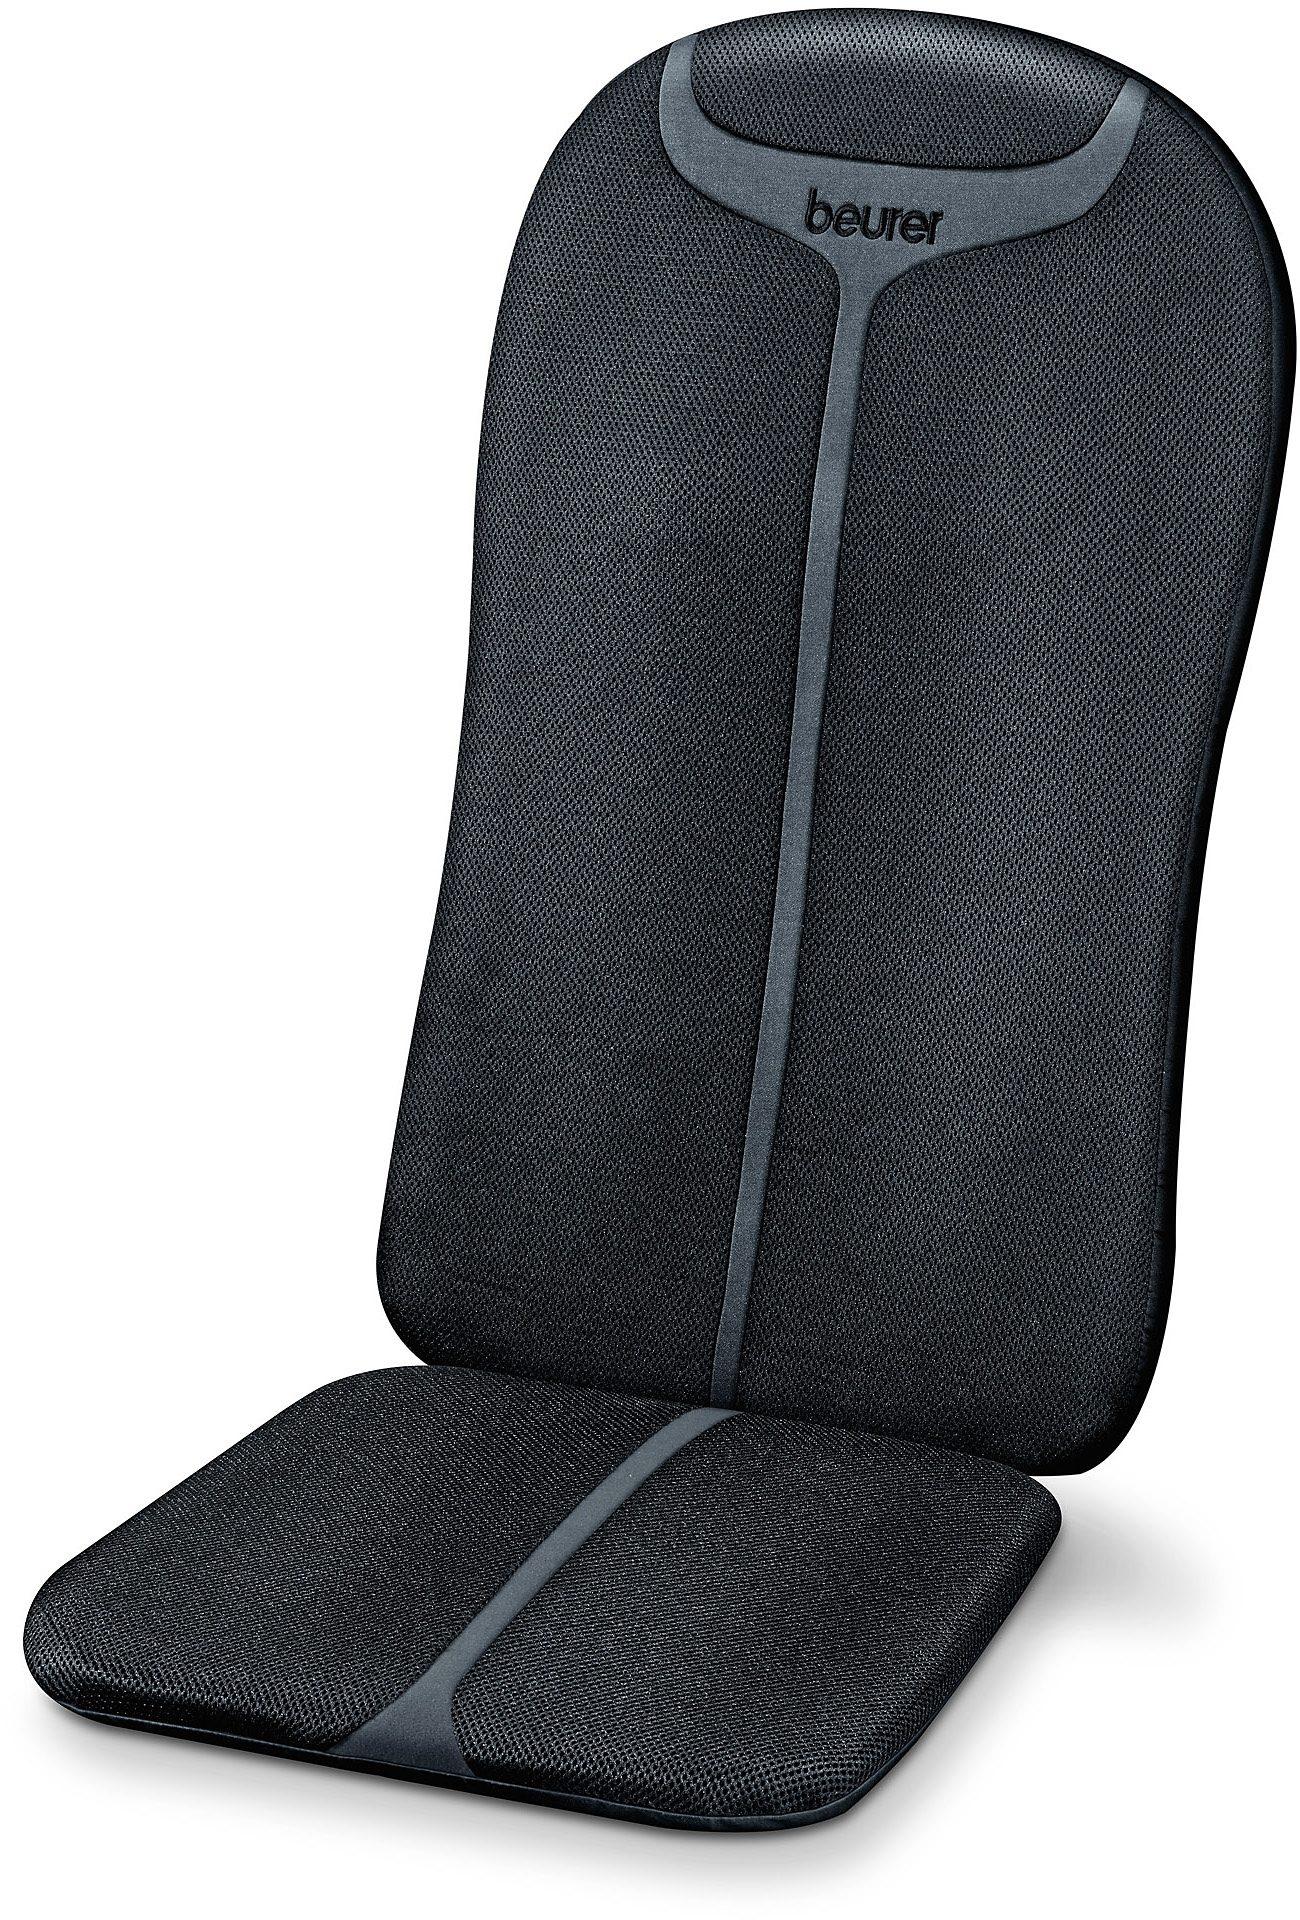 Beurer Shiatsu-Sitzauflage MG 205